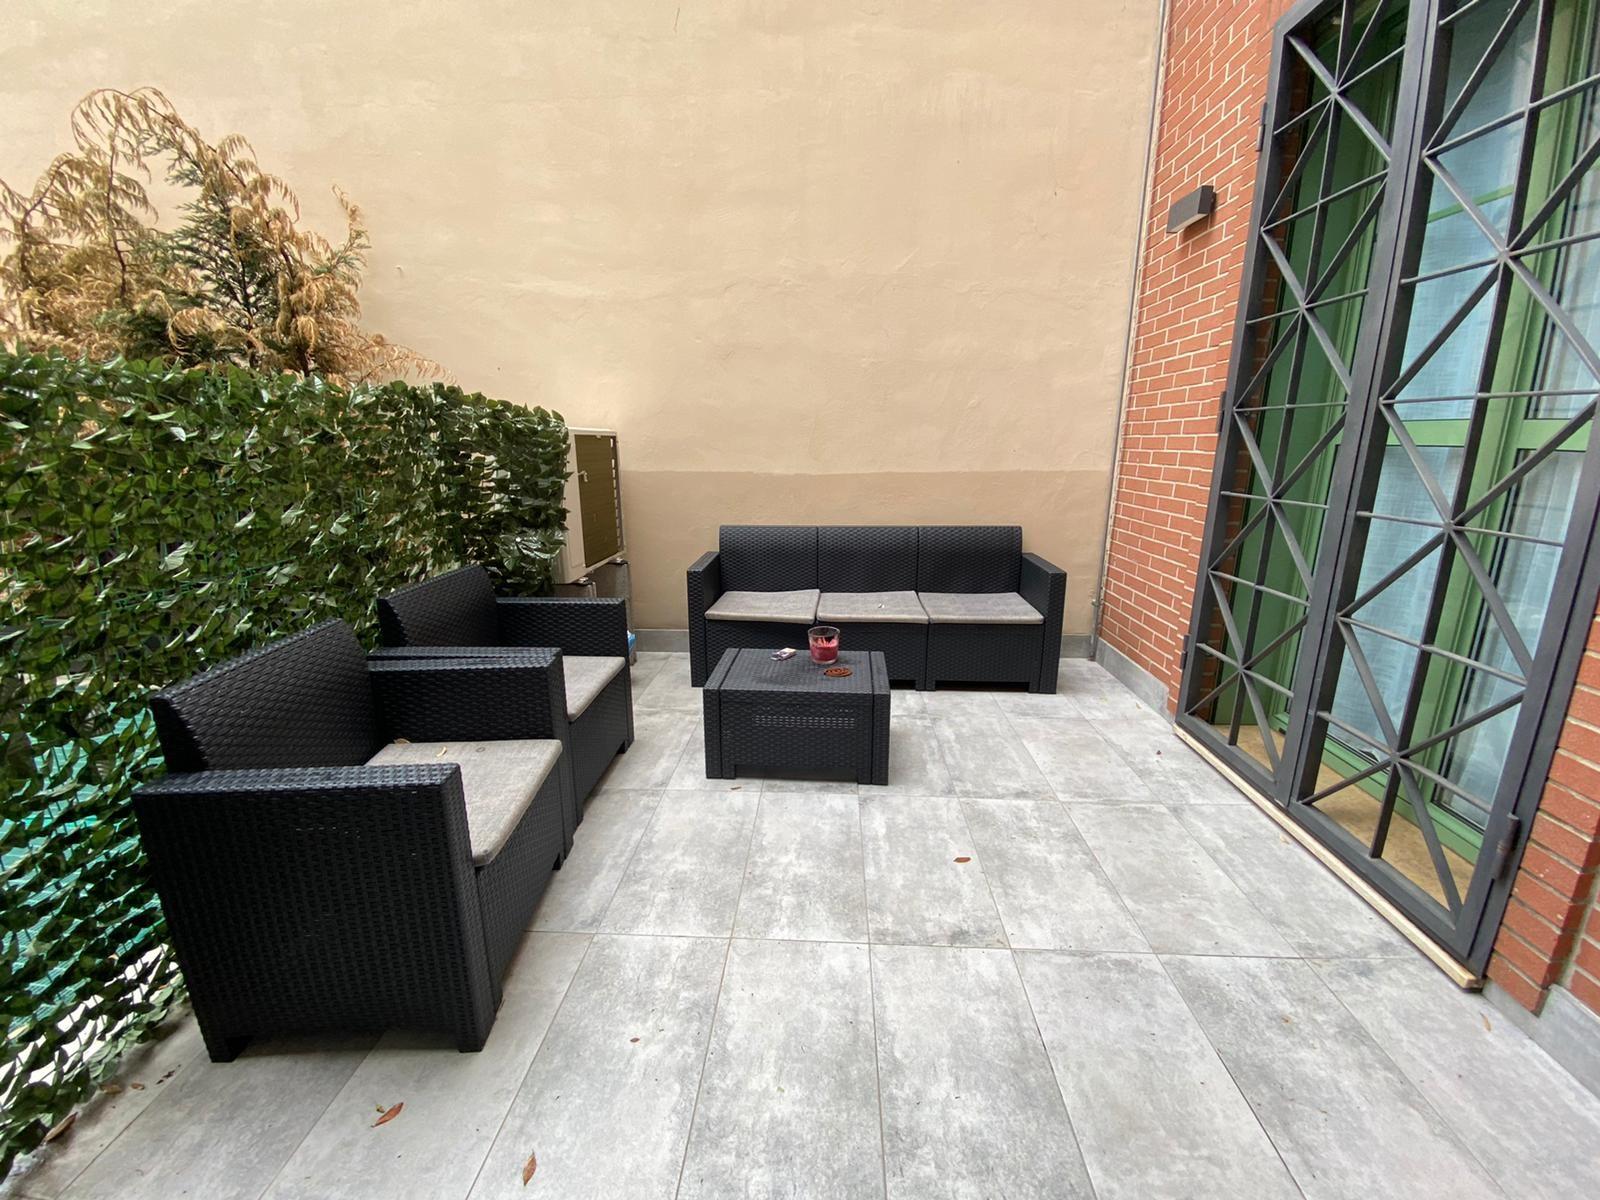 Appartamento-in-vendita-3-tre-locali-terrazzo-giardino-nuova-costruzione-spaziourbano-immobiliare-vende-milano-5